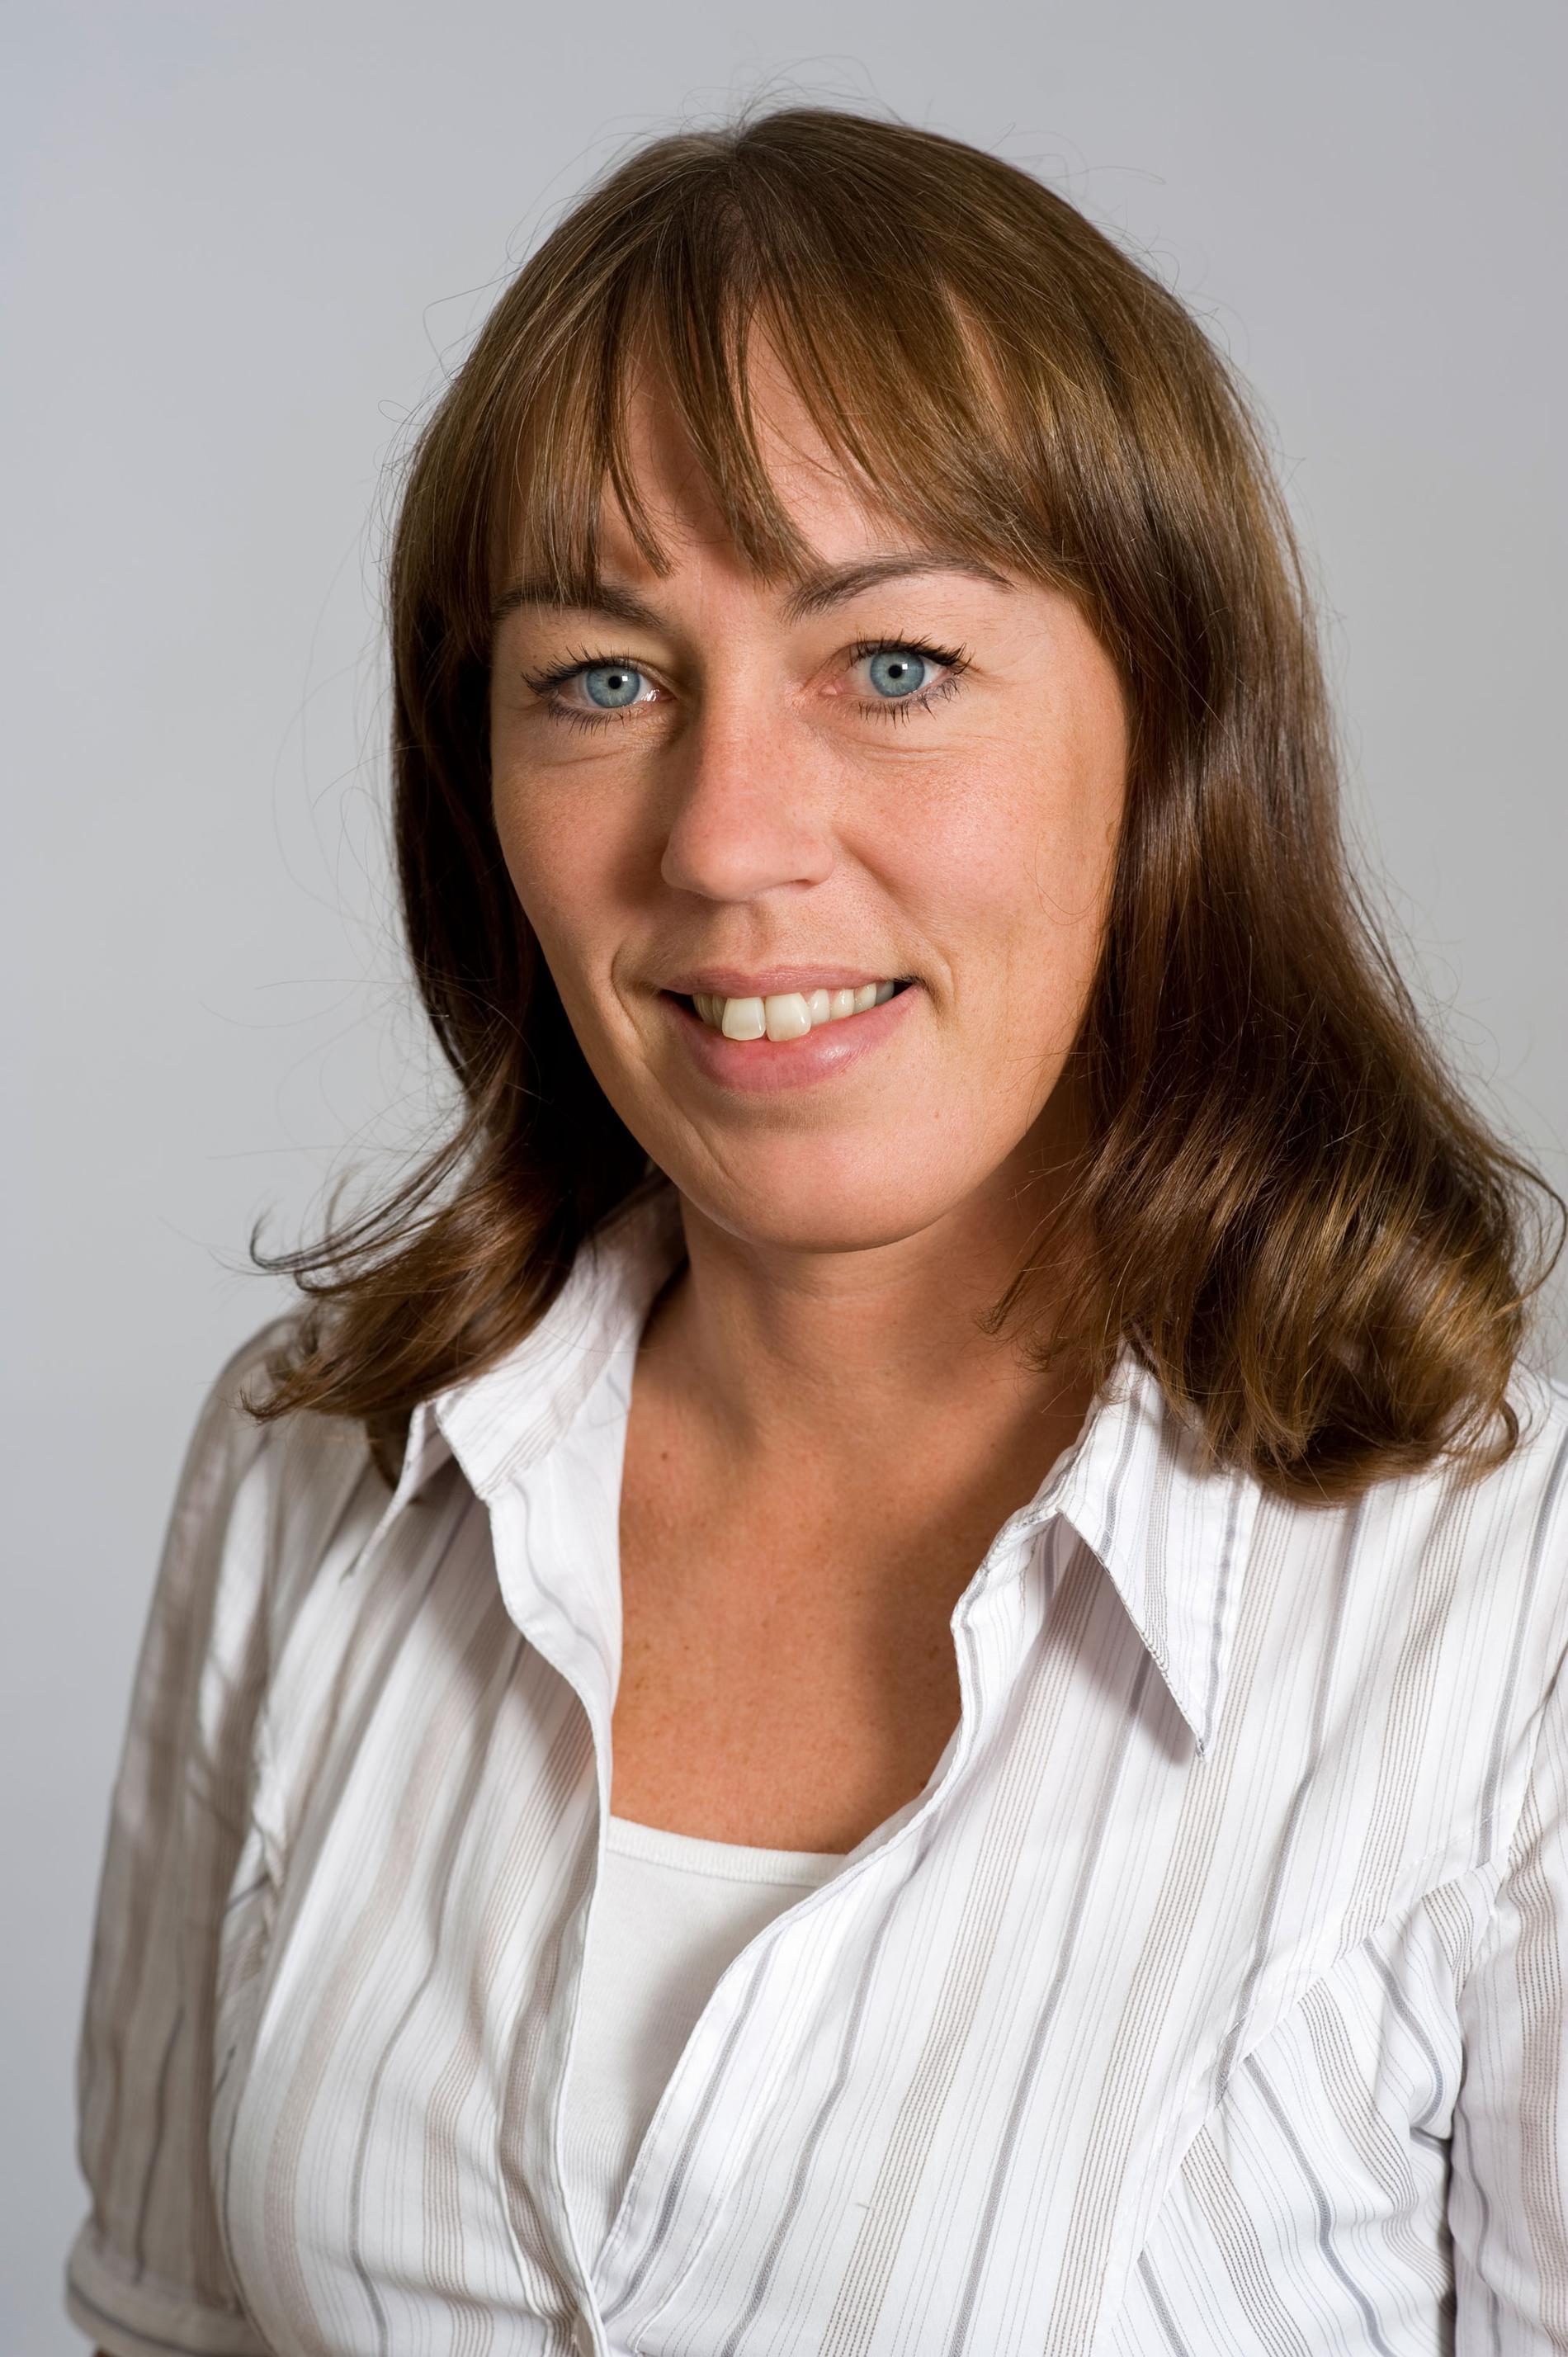 Maria Ahrengardt är ekonom på Swedbanks institut för privatekonomi.